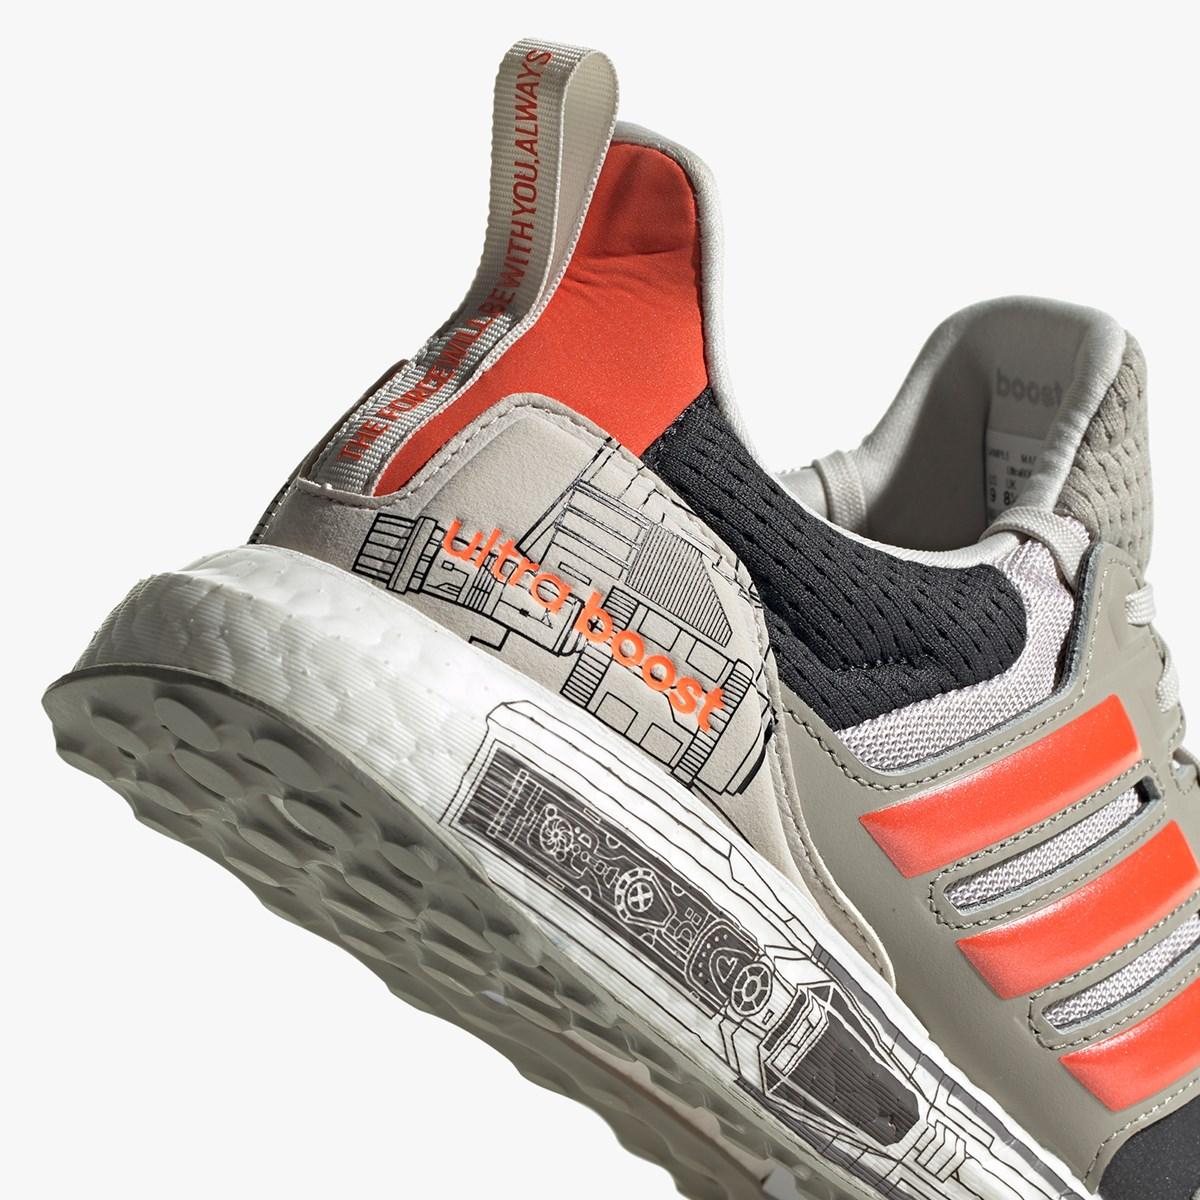 adidas UltraBOOST S&L Star Wars Fw0536 Sneakersnstuff | sneakers & streetwear online since 1999